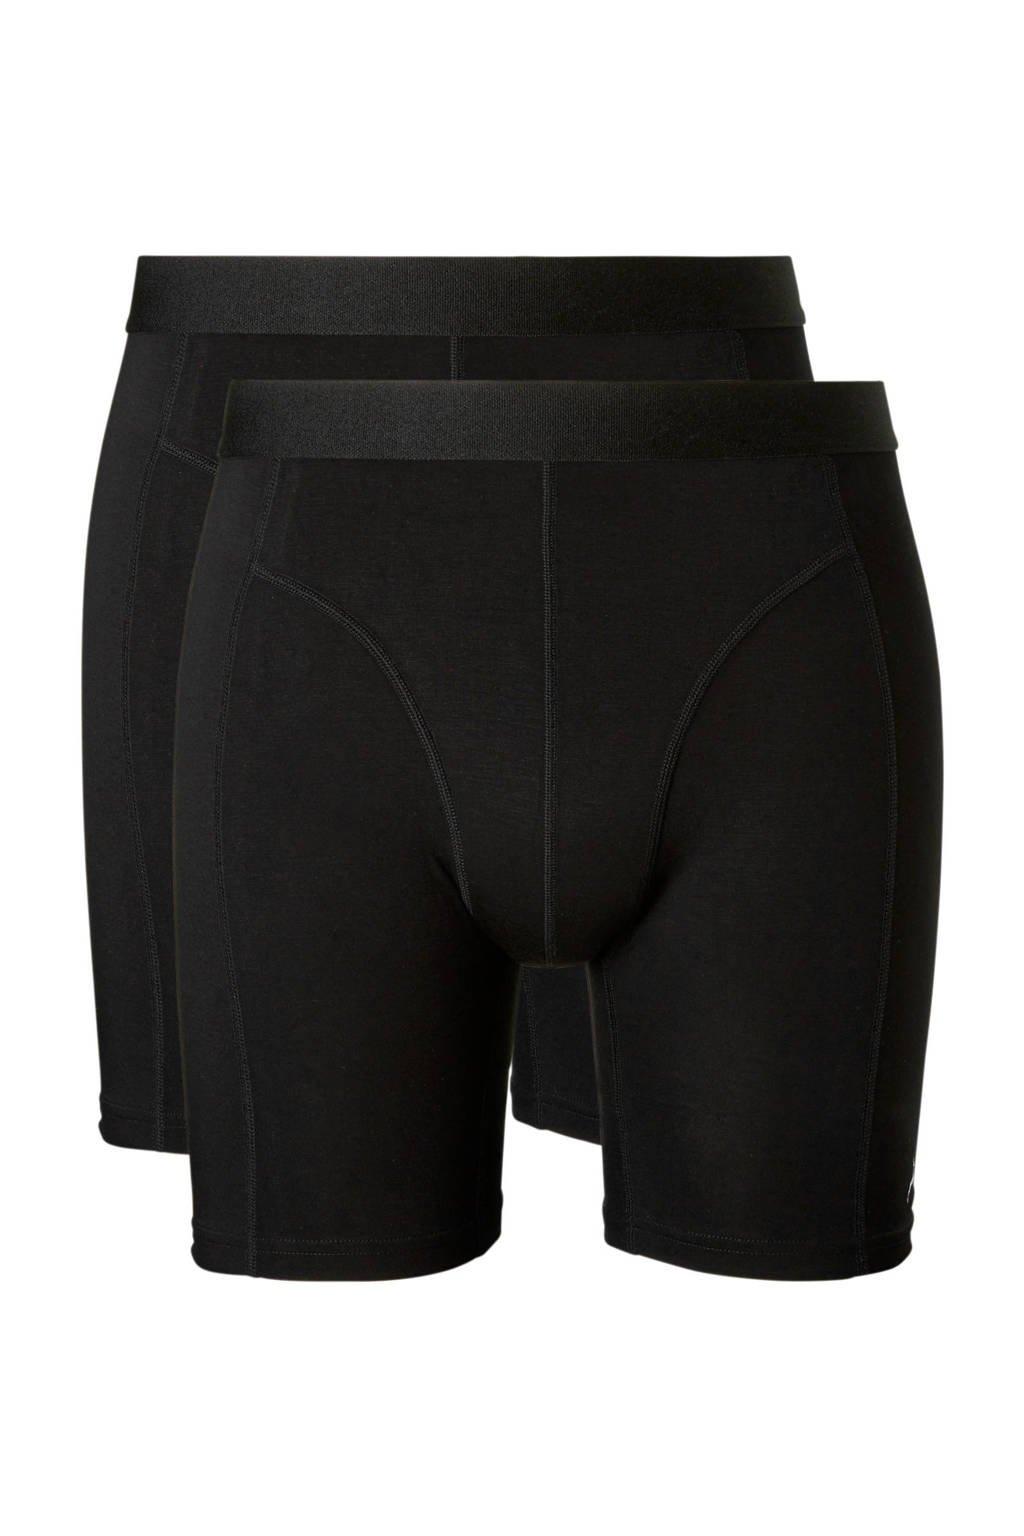 ten Cate bamboe boxershort (set van 2), Zwart